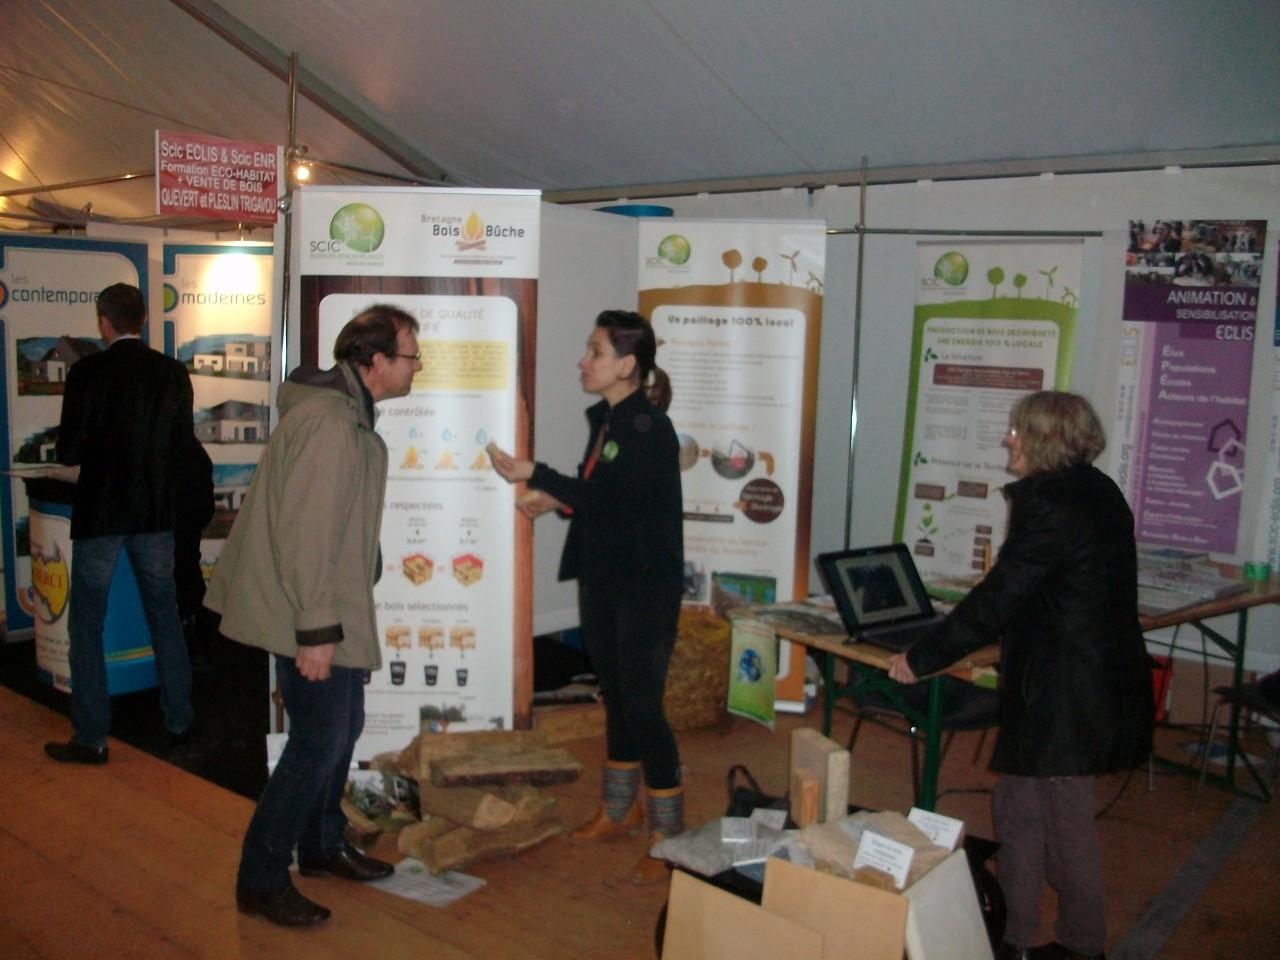 Energies renouvelables du pays de dinan les scic enr et for Salon energie renouvelable